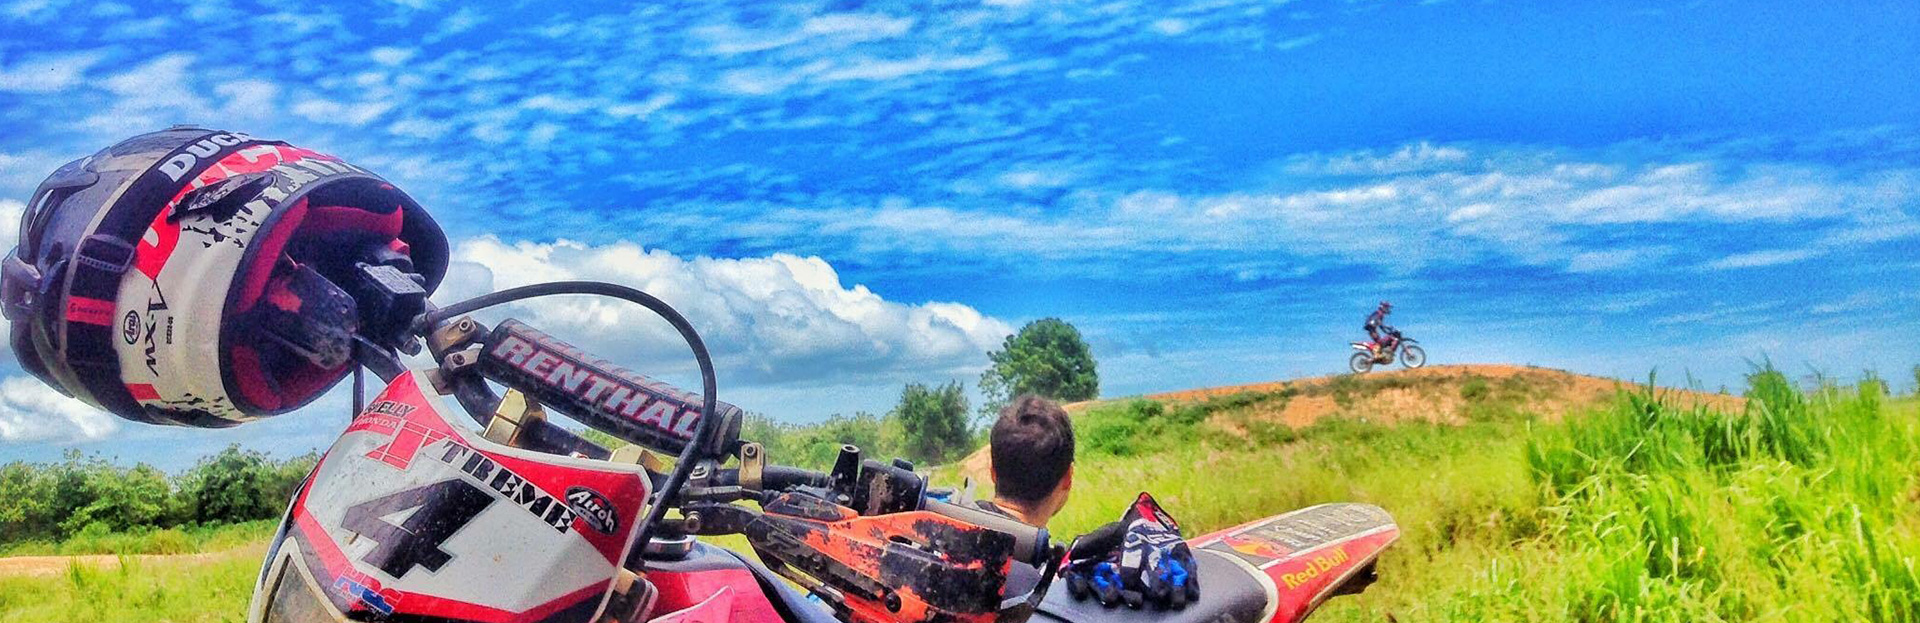 泰国芭堤雅摩托车越野耐力赛之旅的最佳旅游指导!